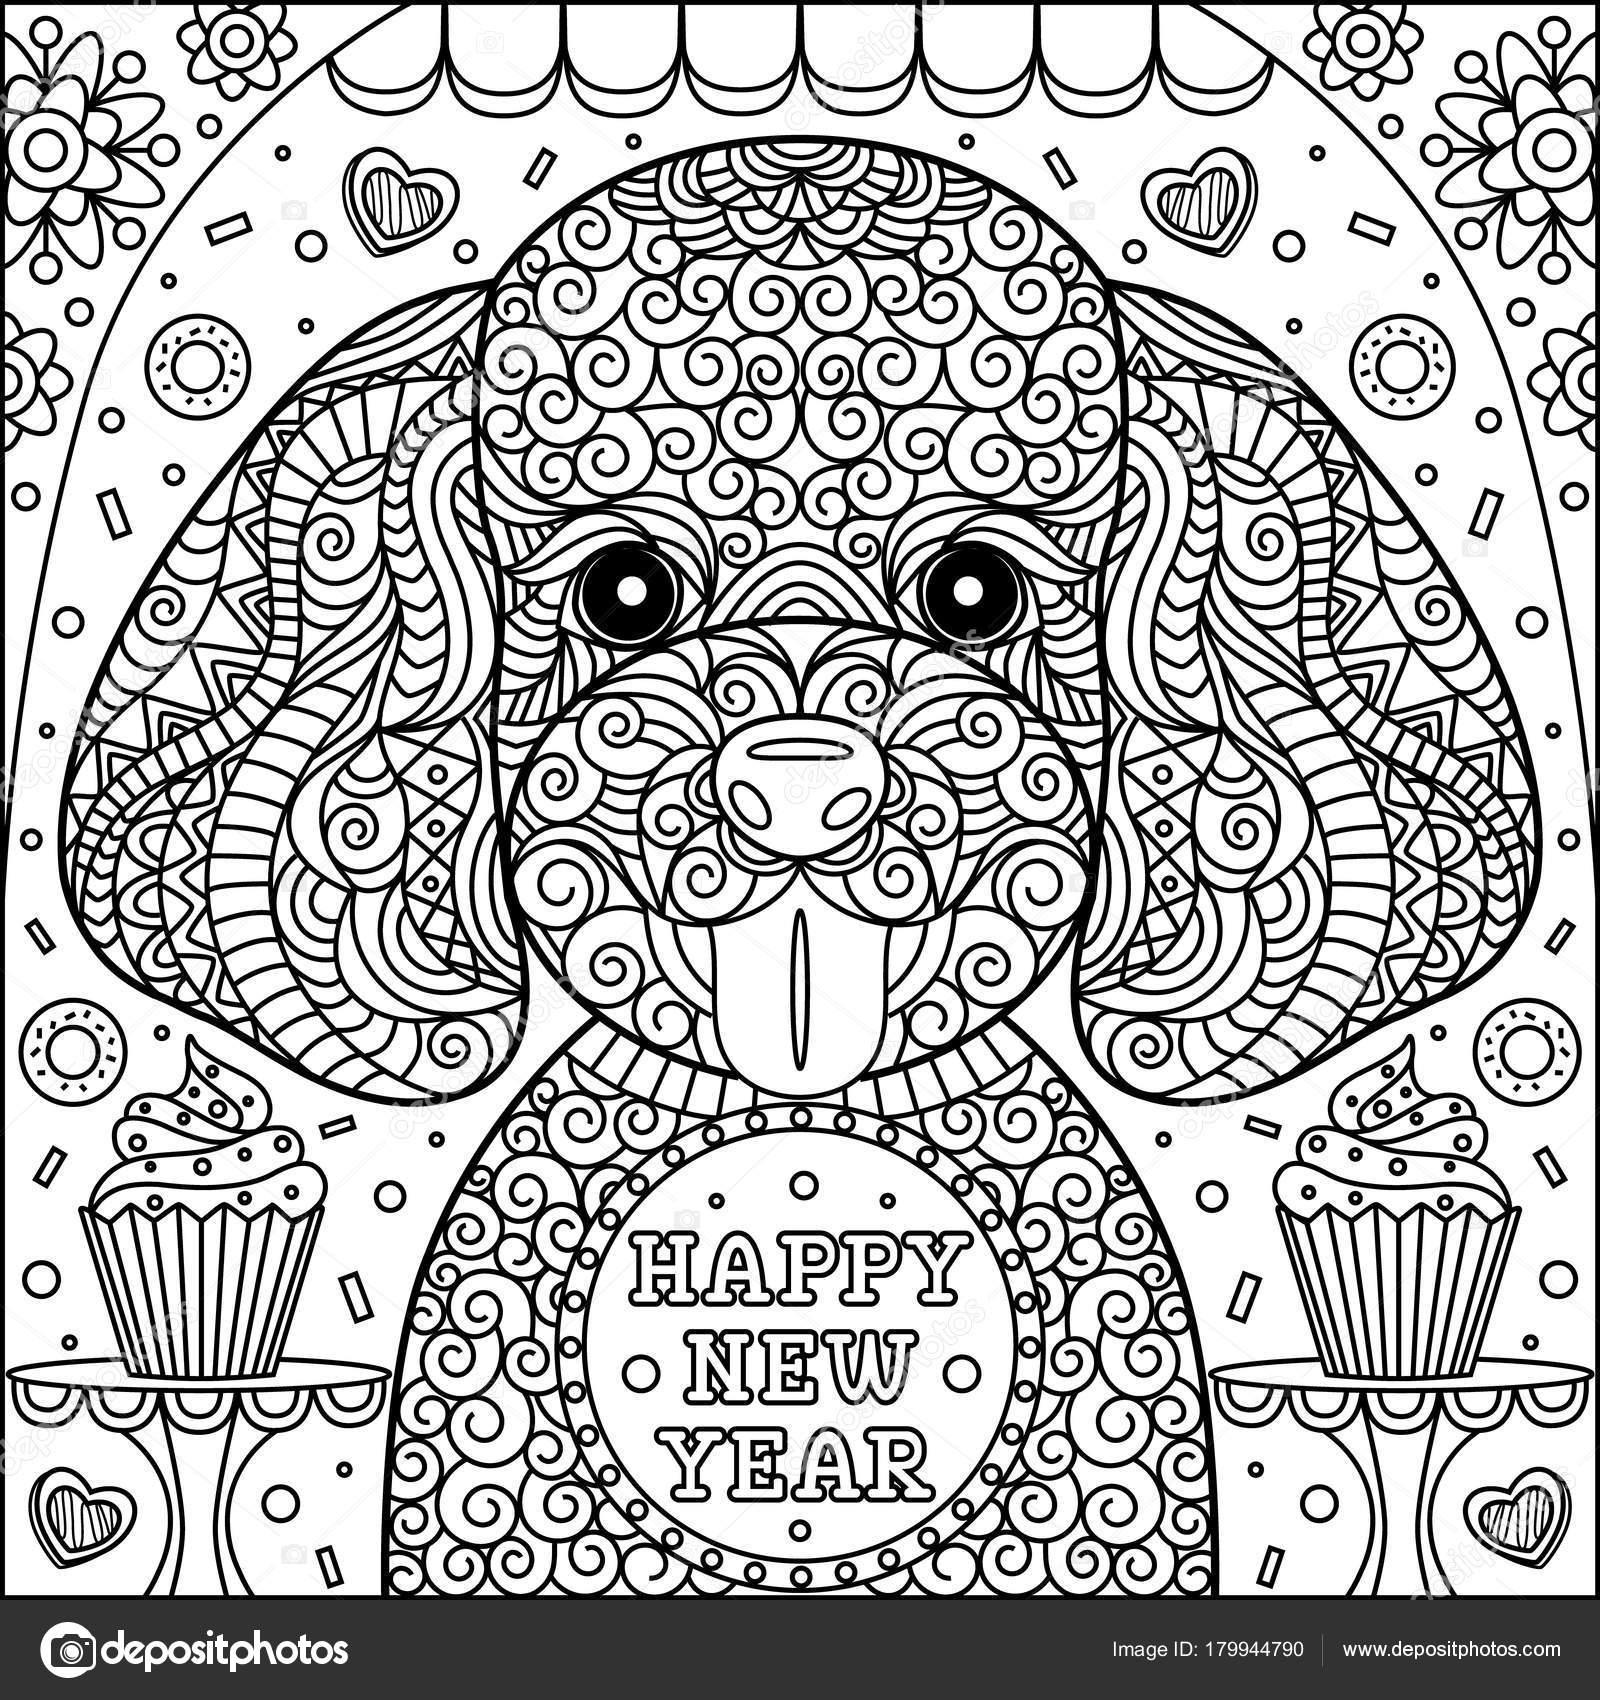 kleurplaat voor volwassenen kinderen hond symbool